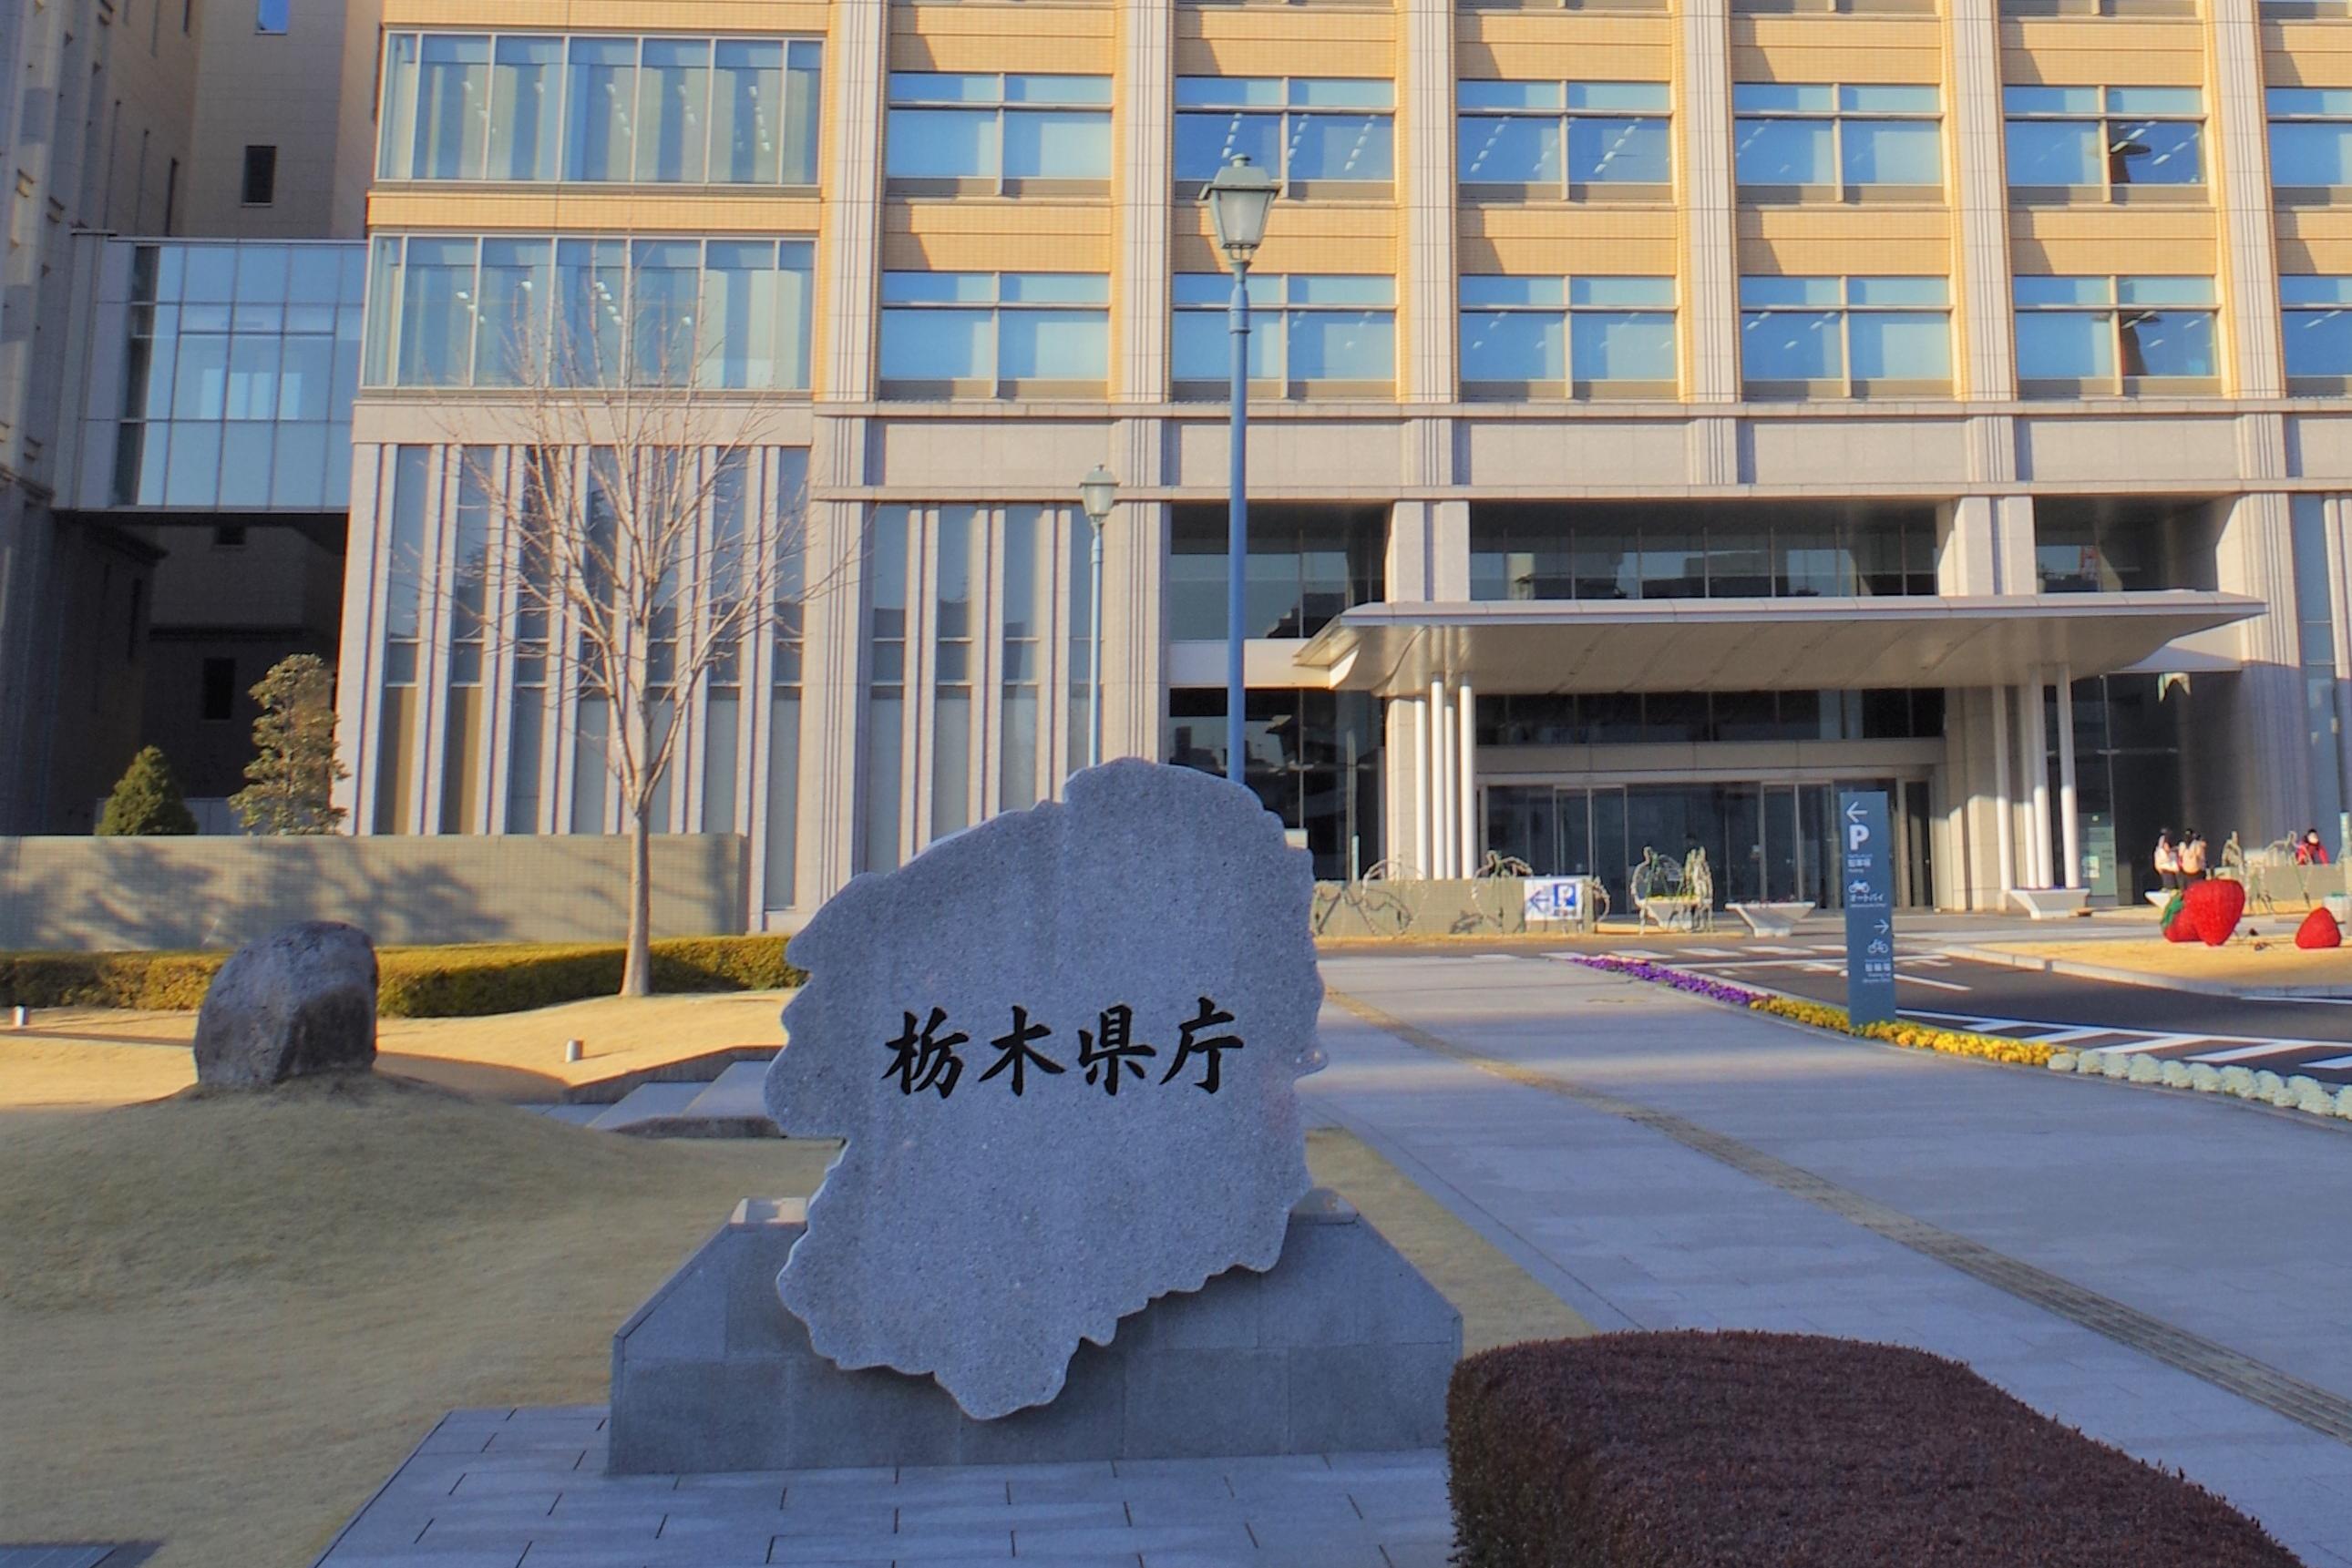 マスク センター 京都 総合 教育 市